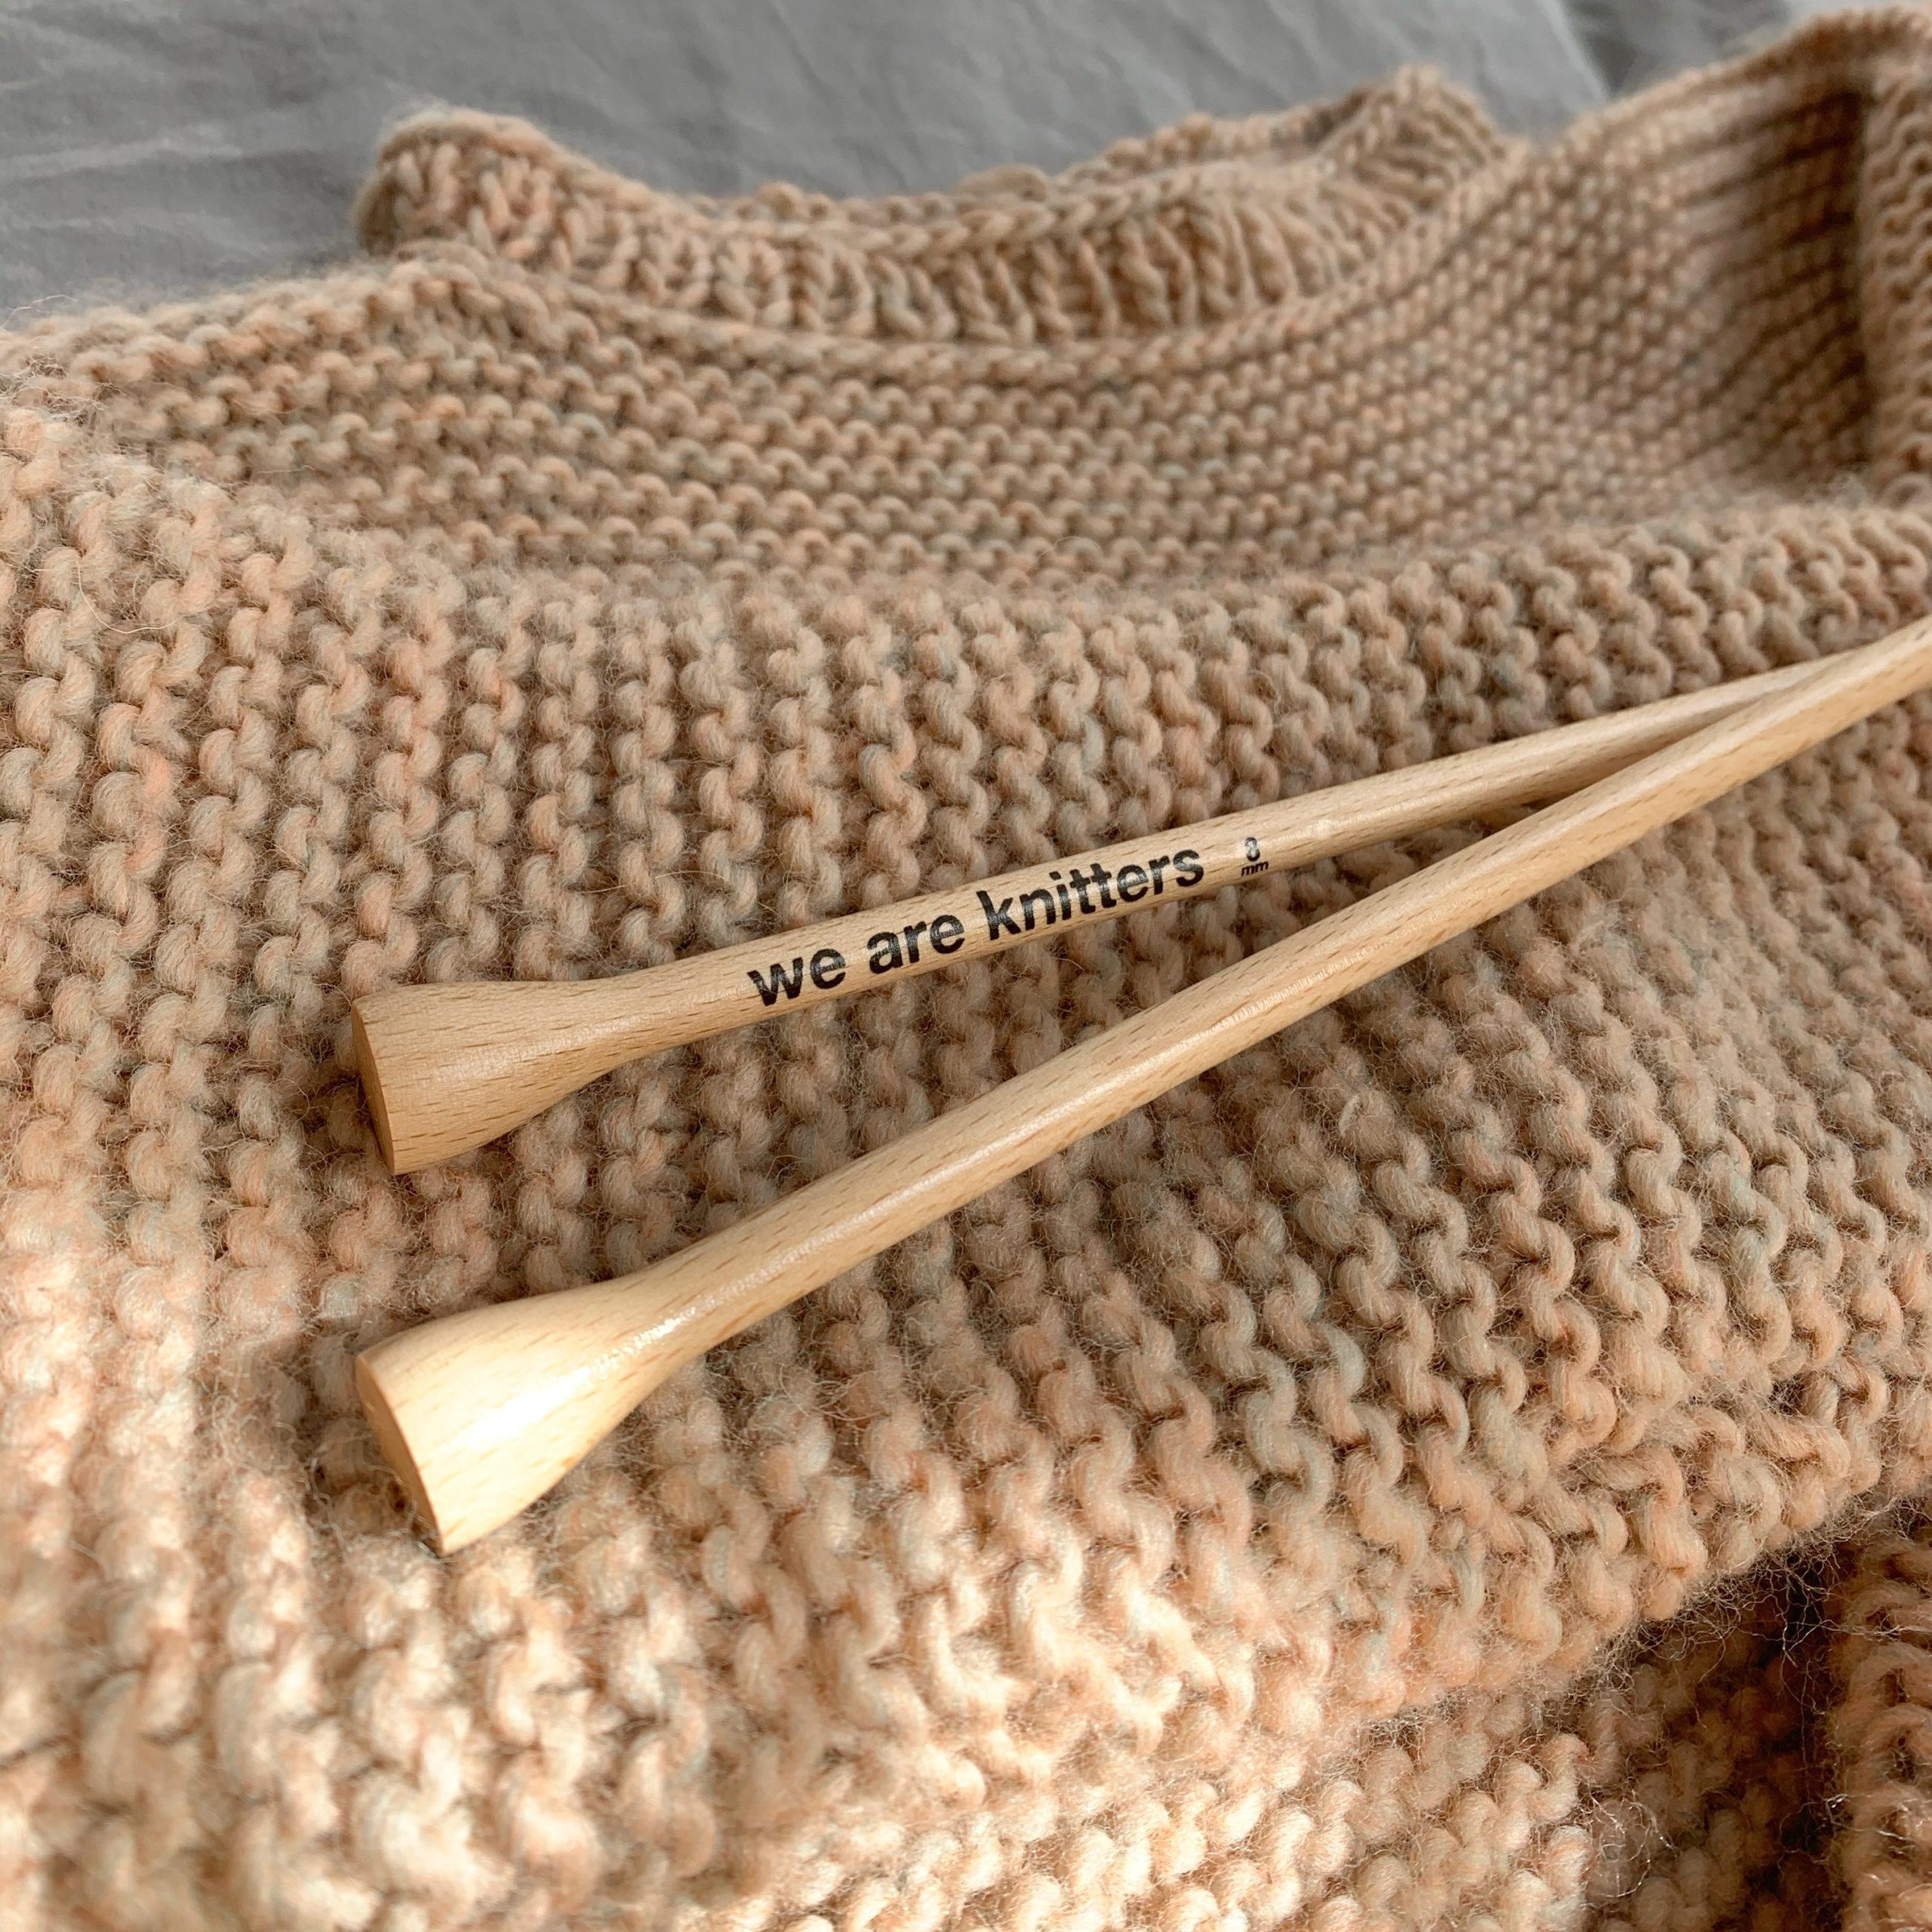 Ausschnitt eines Strickpullovers in Altrosa mit Bambus-Stricknadeln